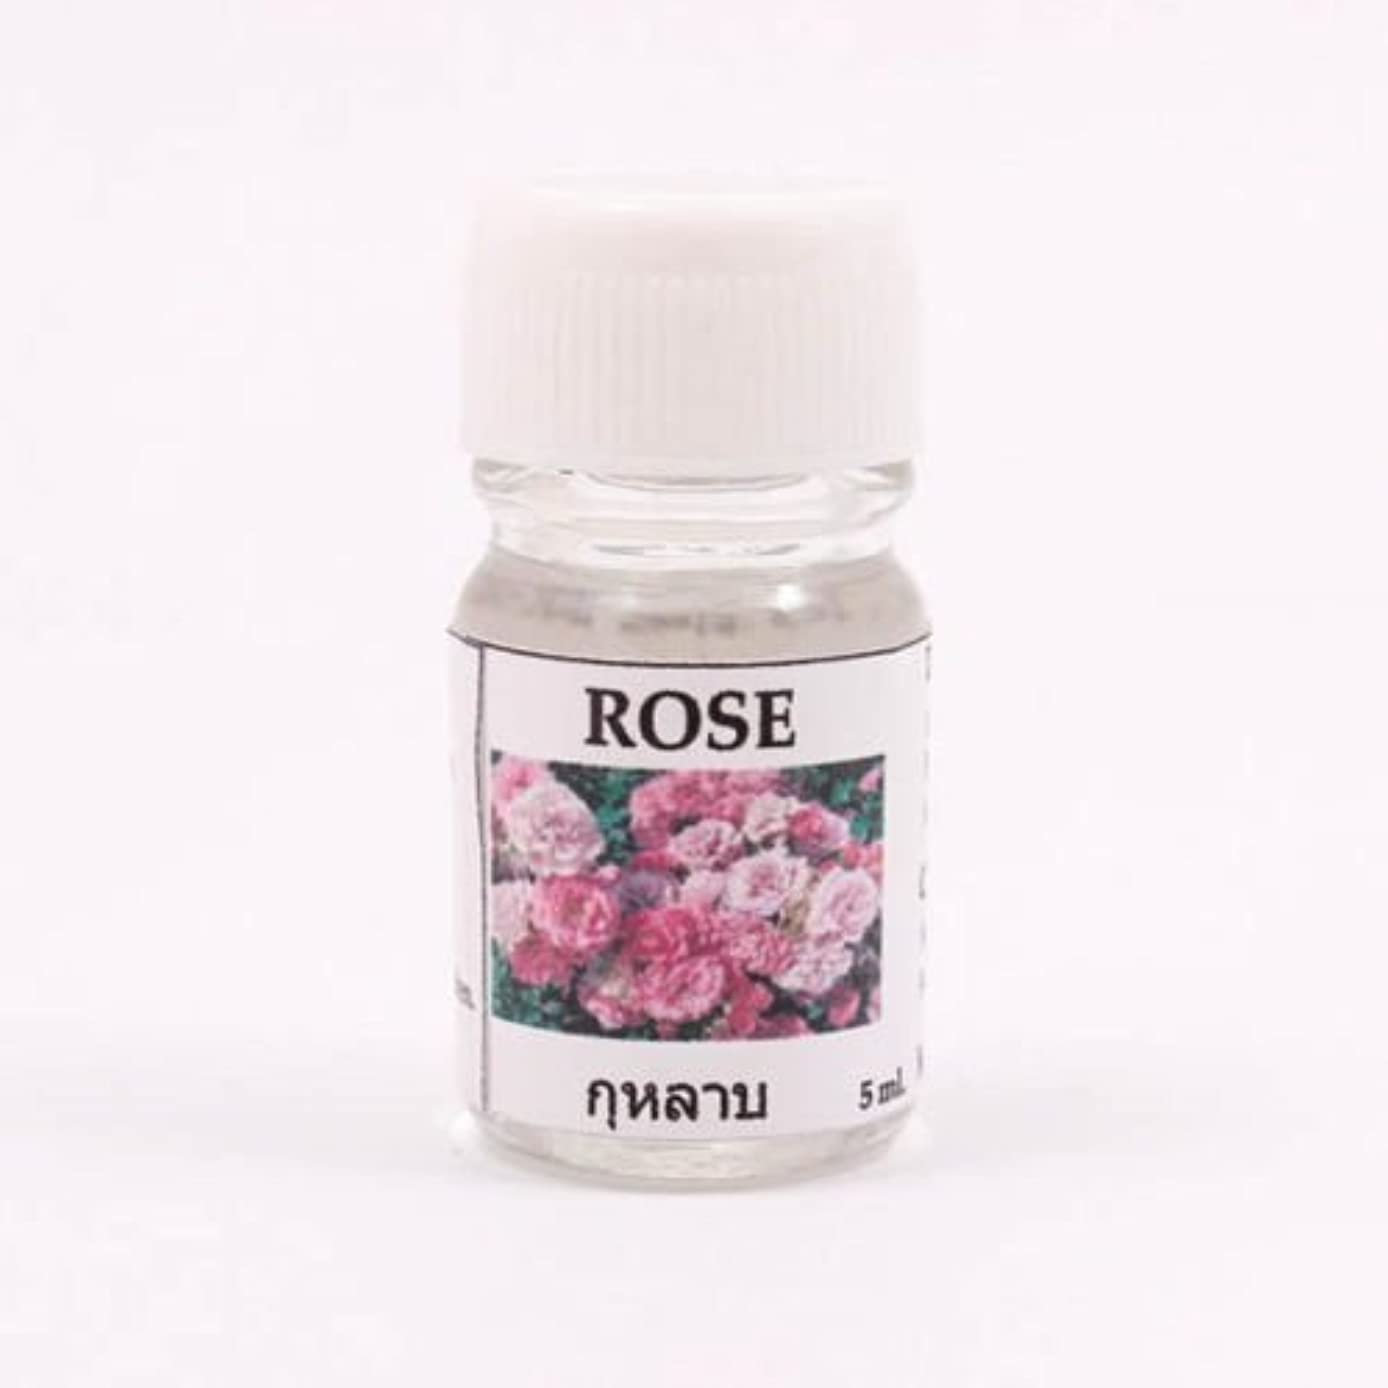 スイ転送コンパニオン6X Rose Aroma Fragrance Essential Oil 5ML. (cc) Diffuser Burner Therapy